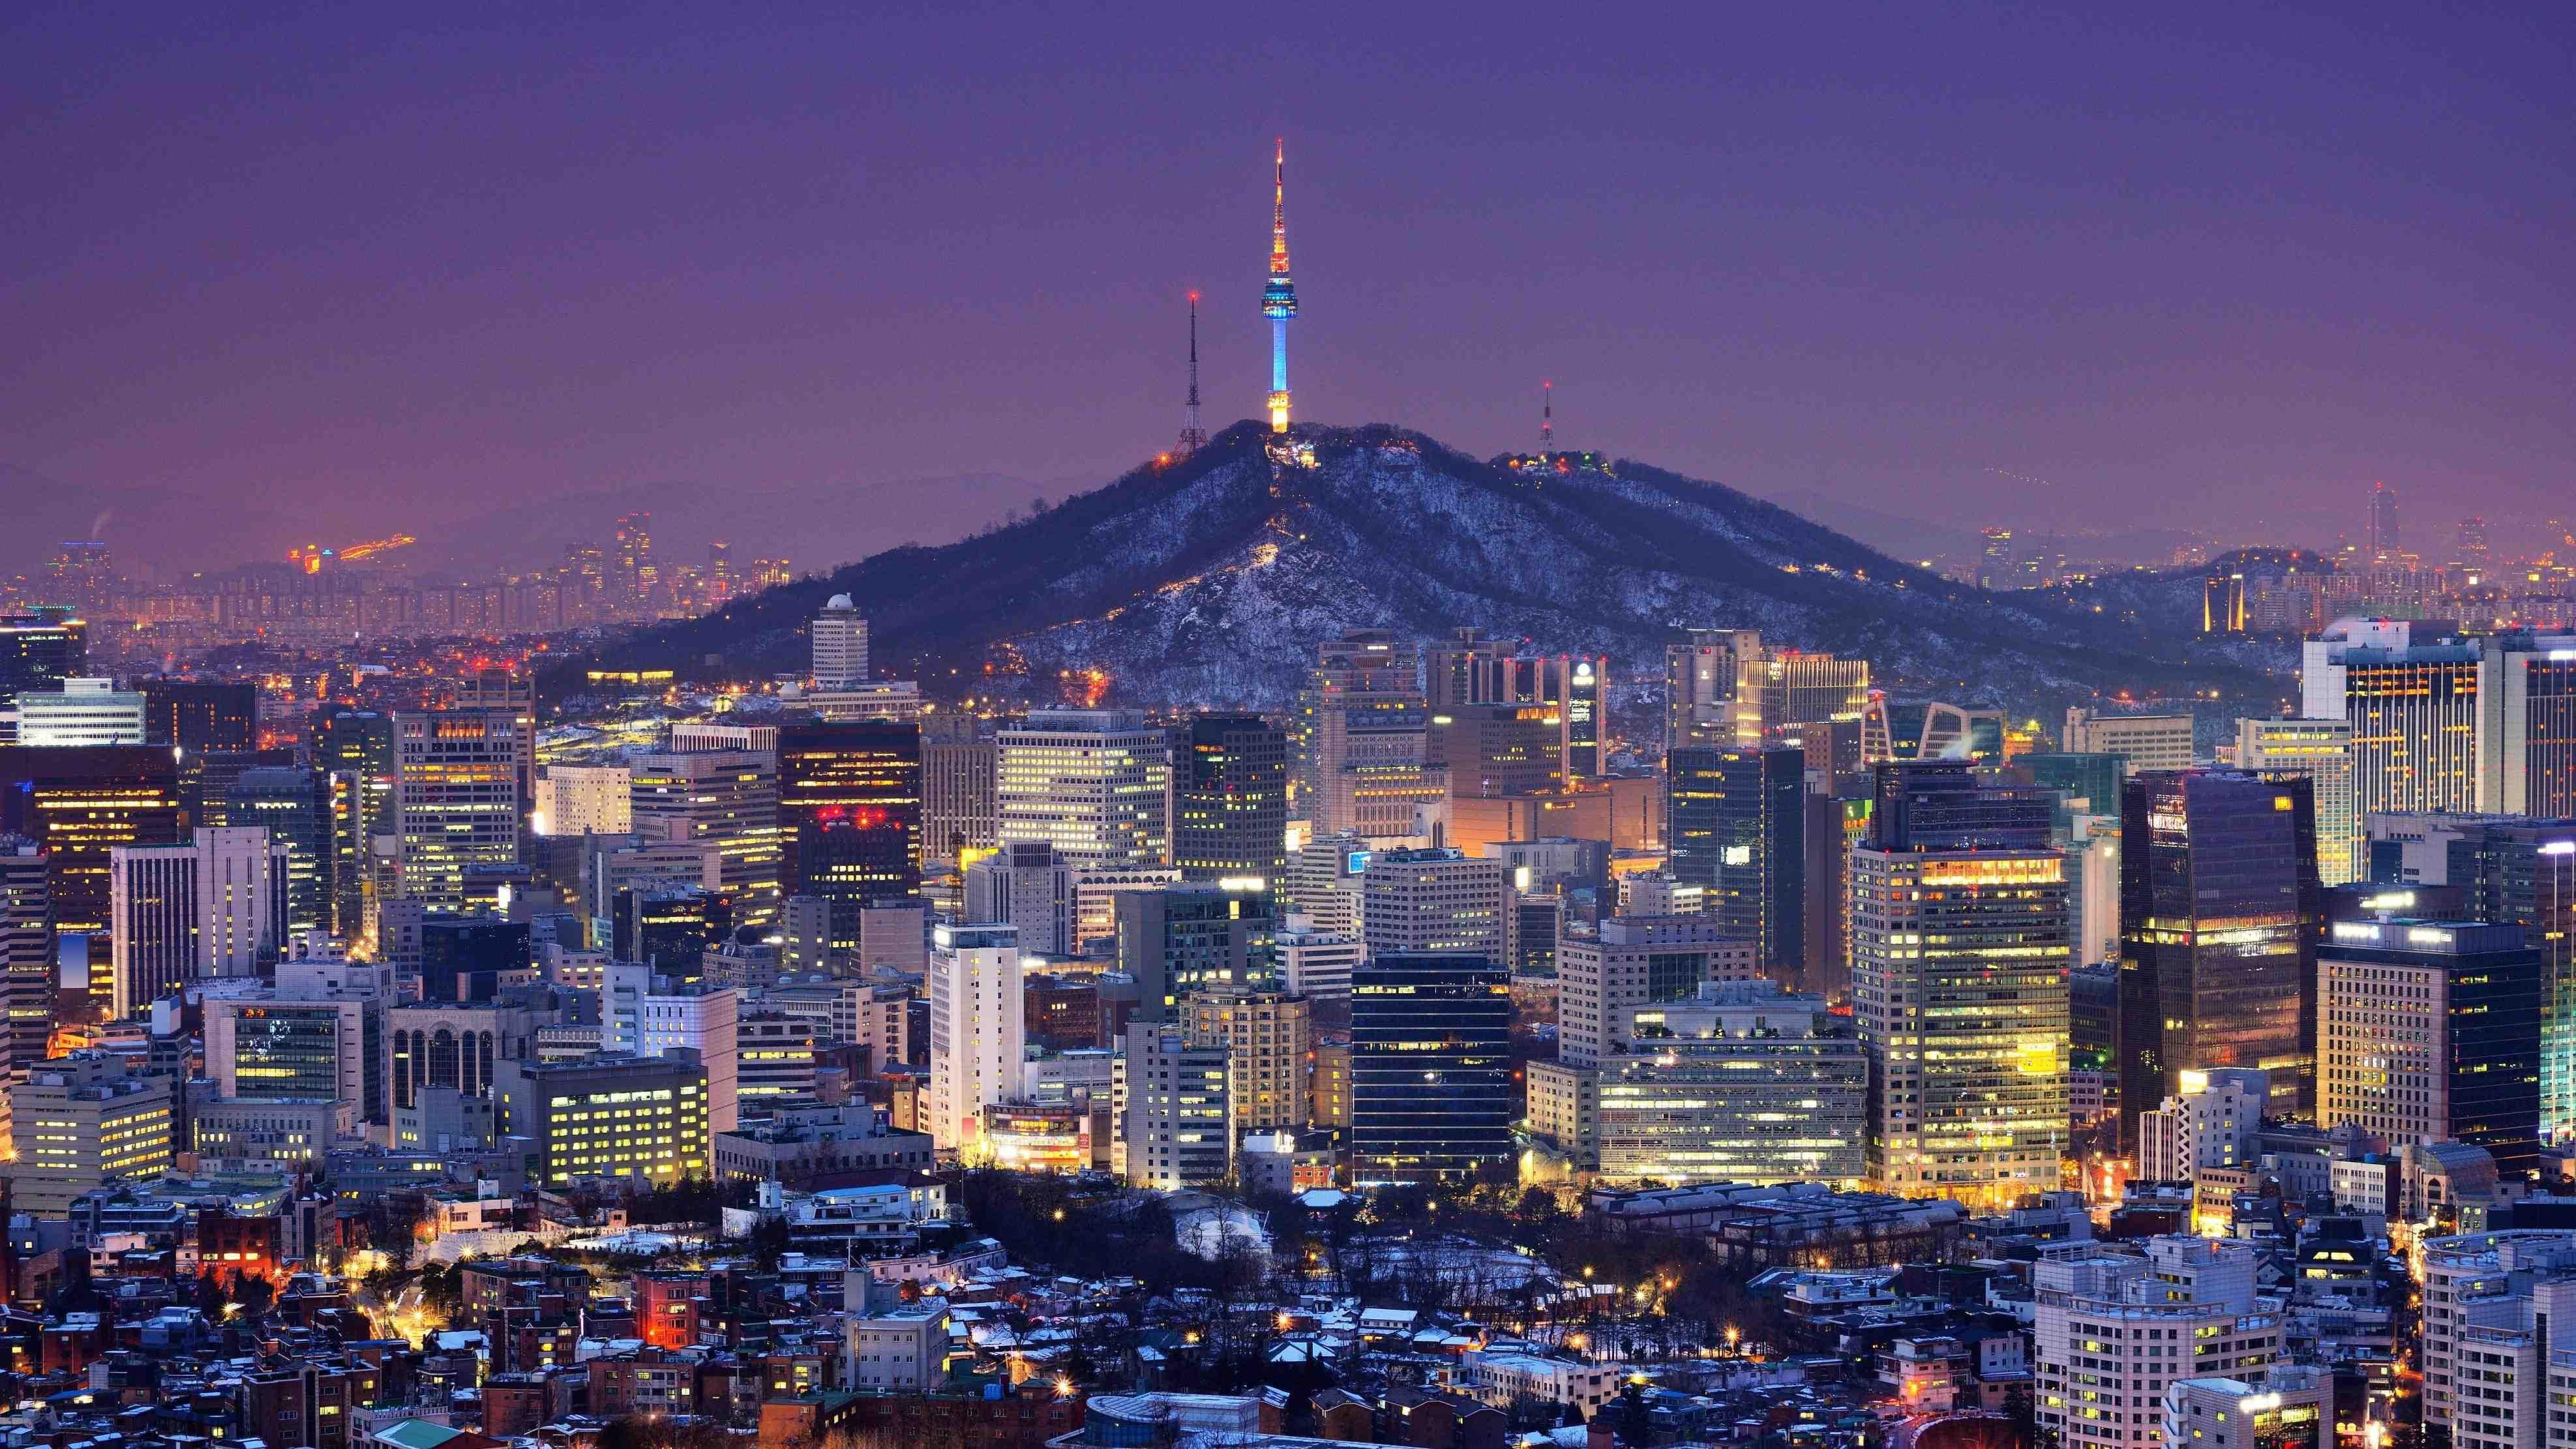 Wallpaper Kota Seoul Orion Gambar